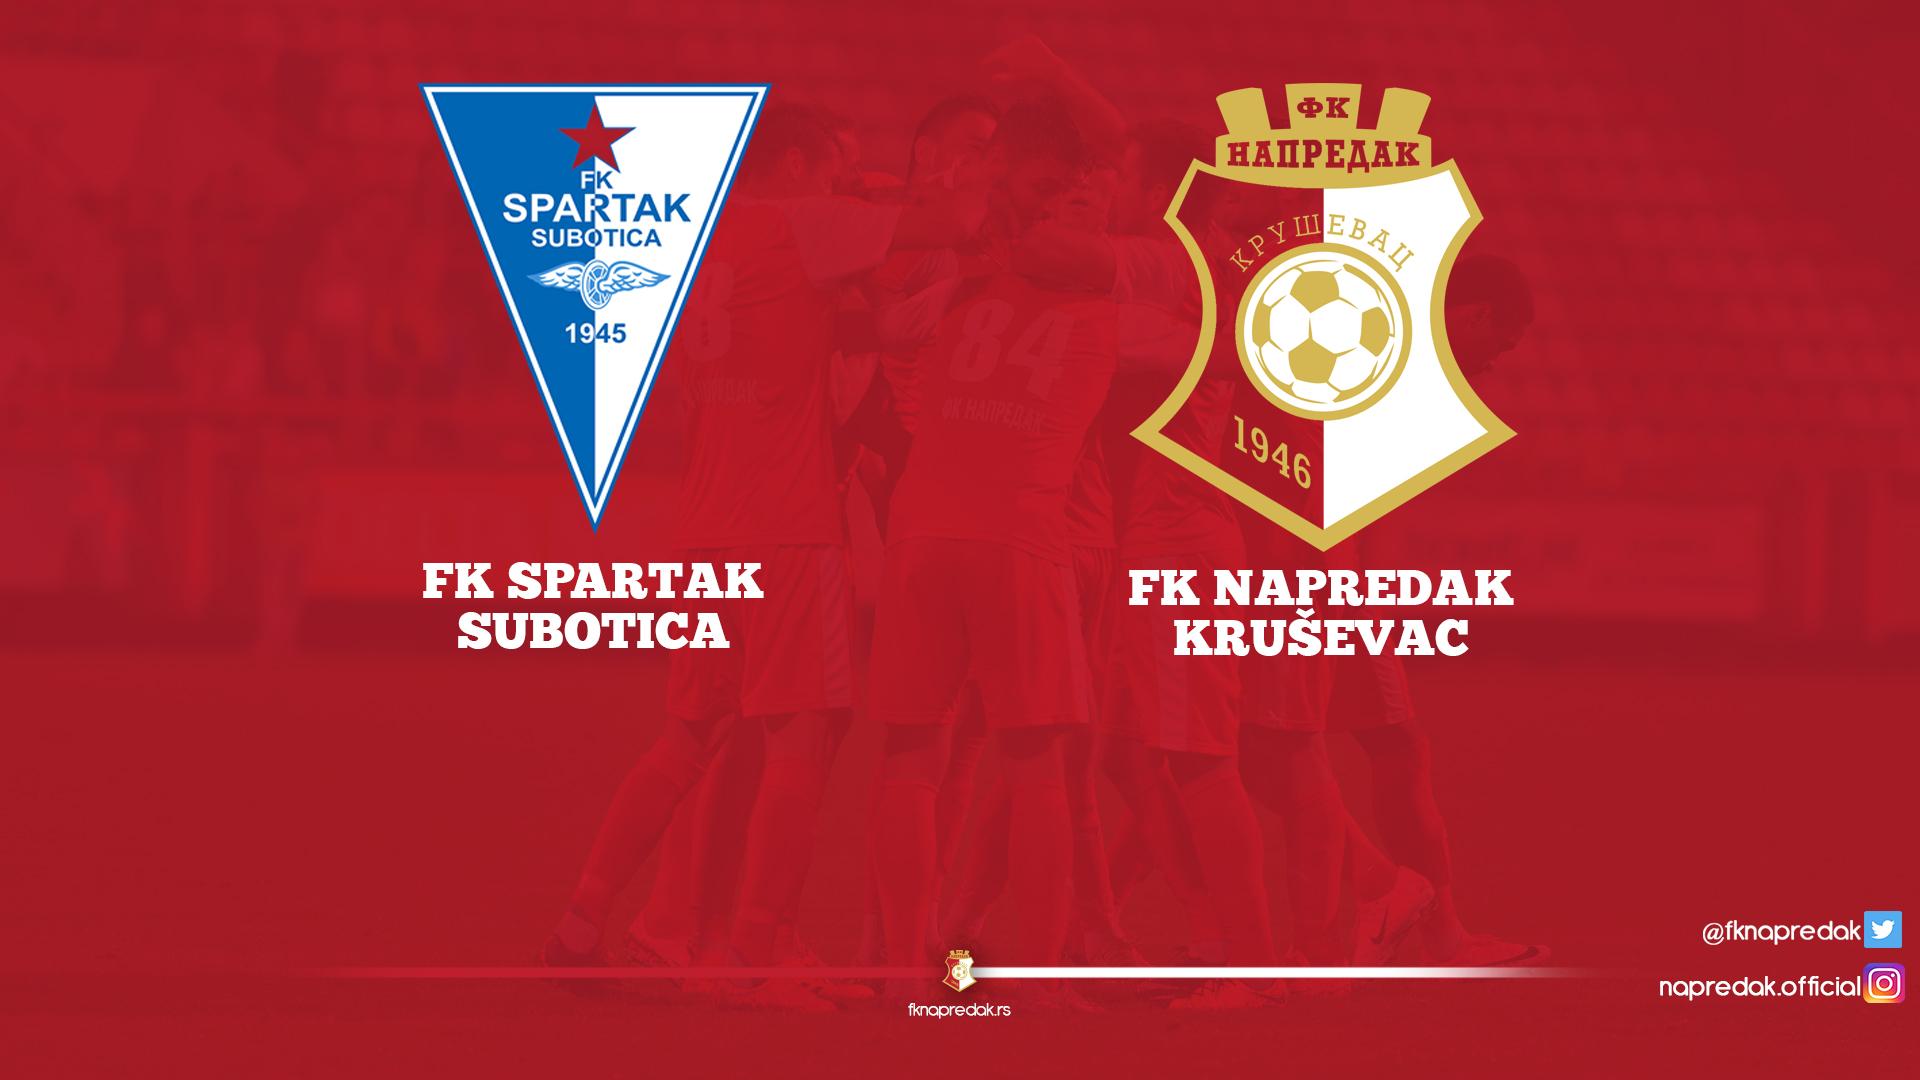 Spartak F.C. -Napredak F.C. 0:1